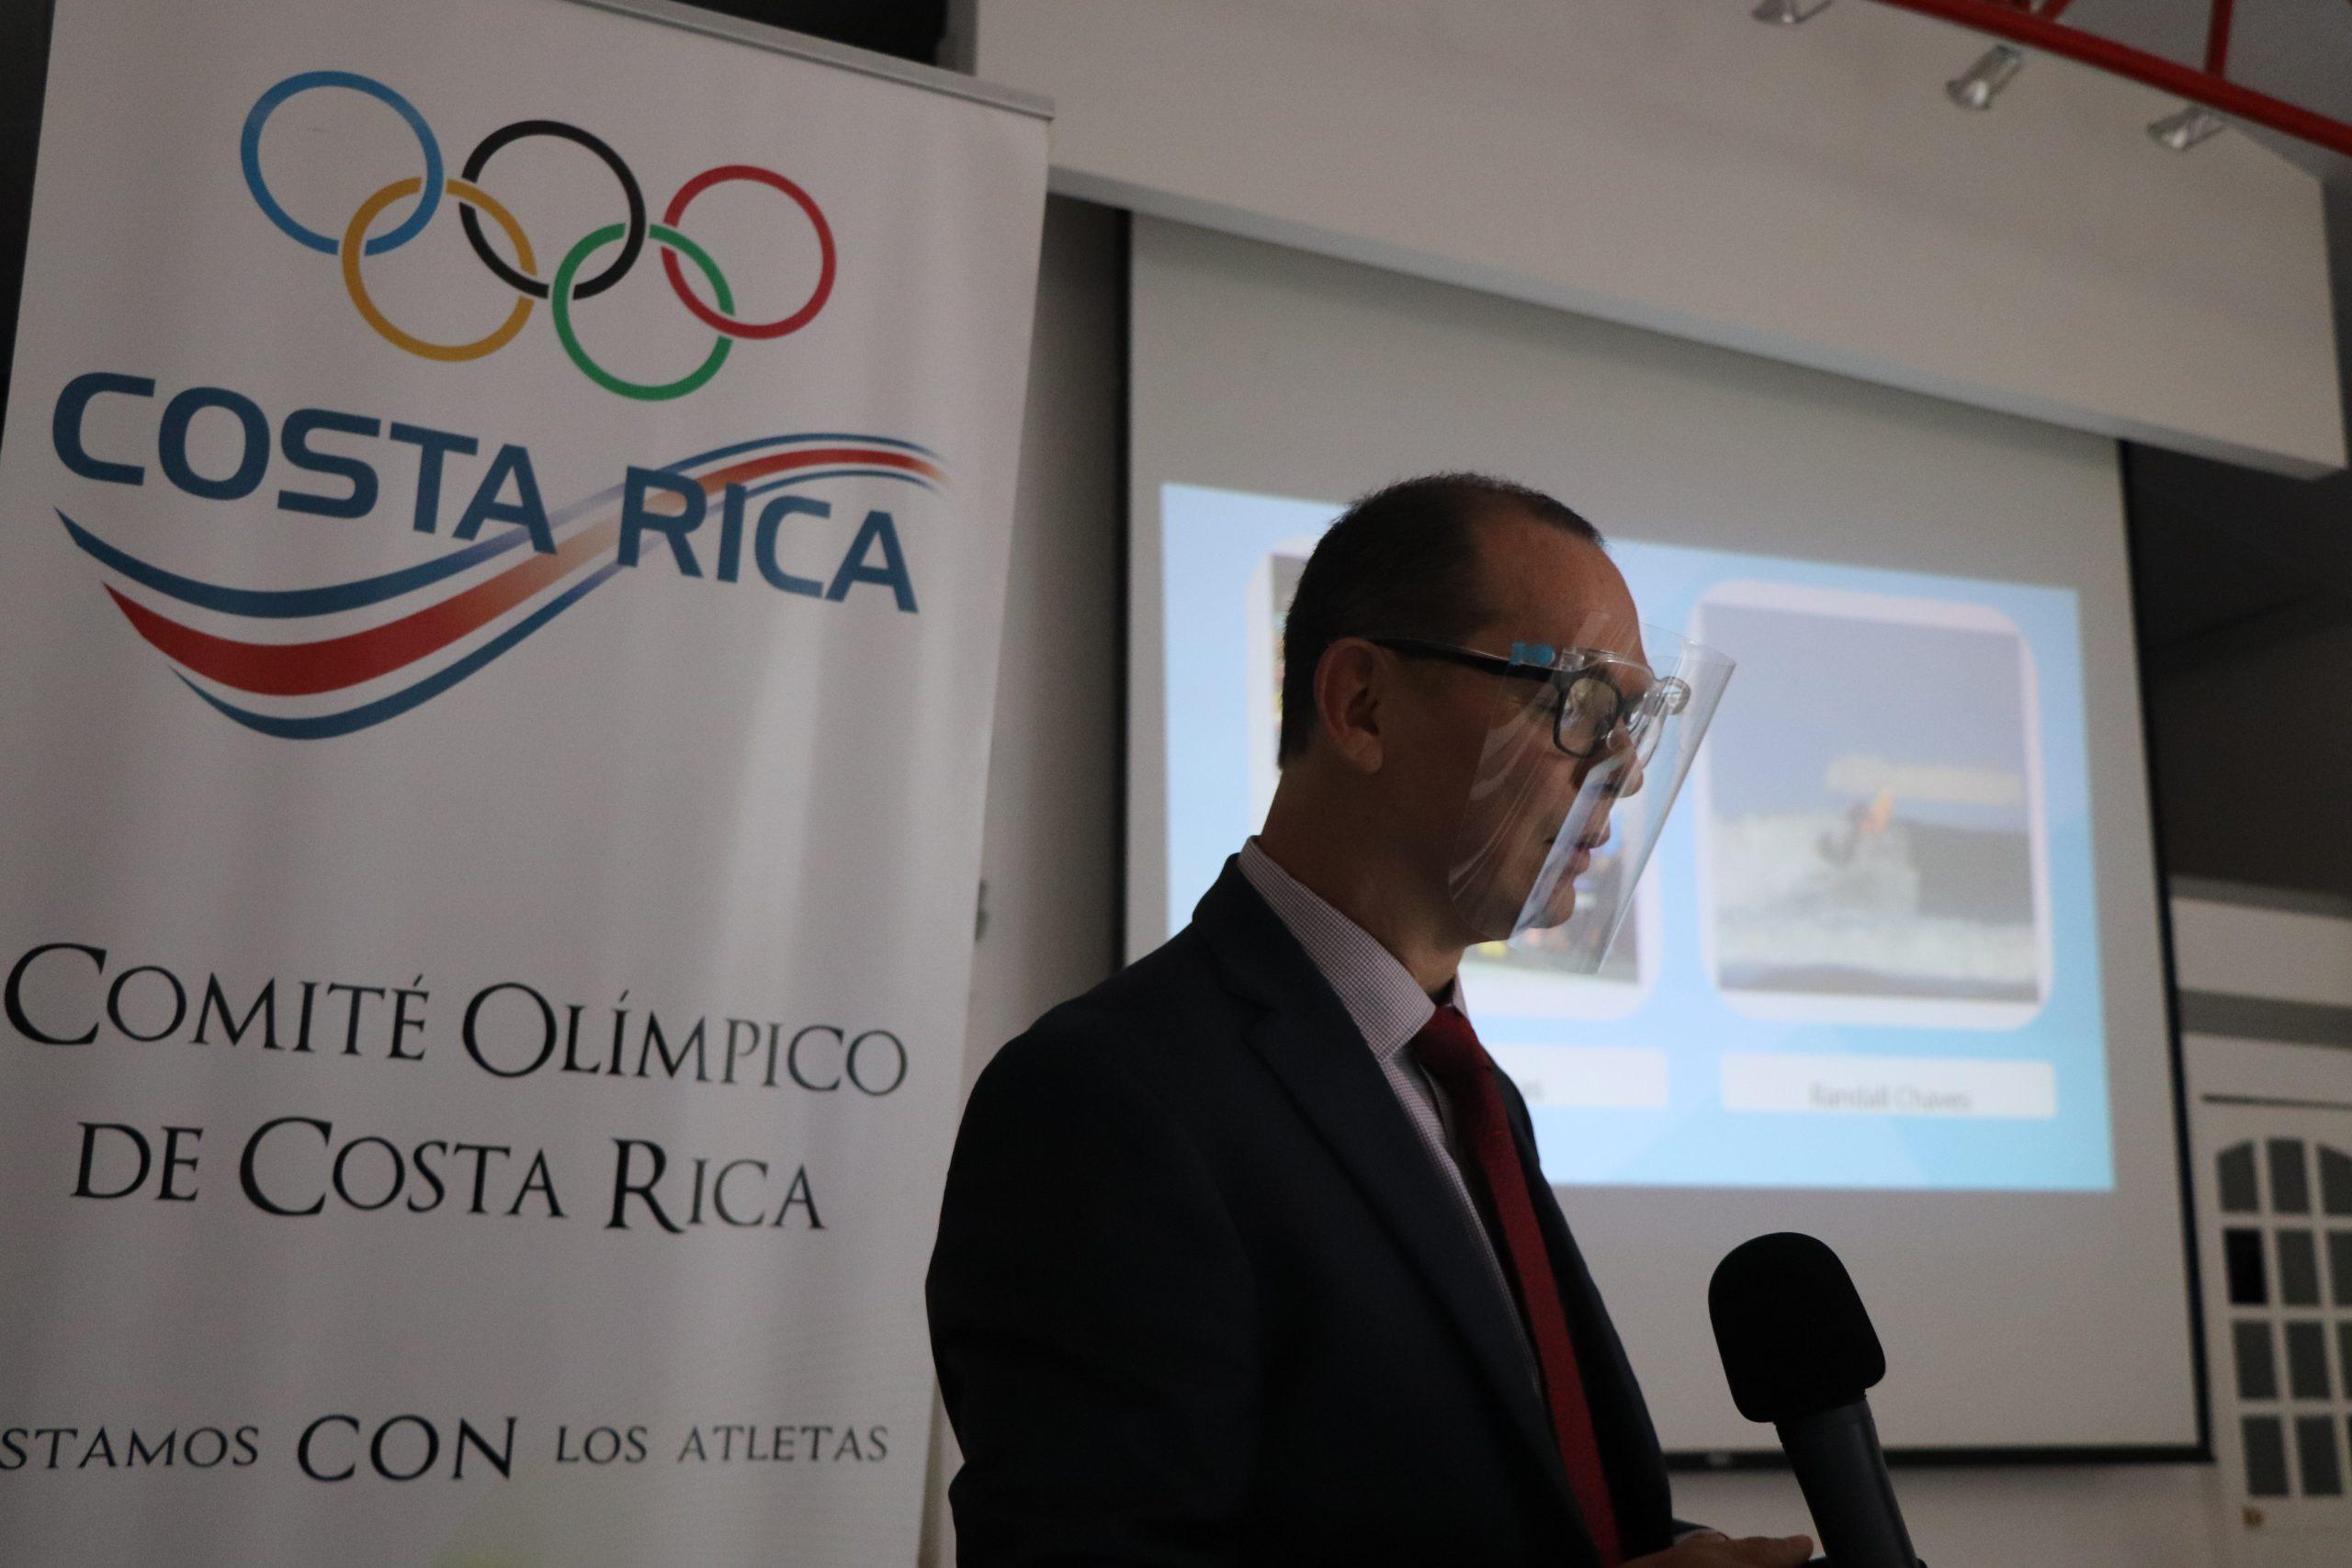 Comité Olímpico de Costa Rica tiene nuevo presidente.